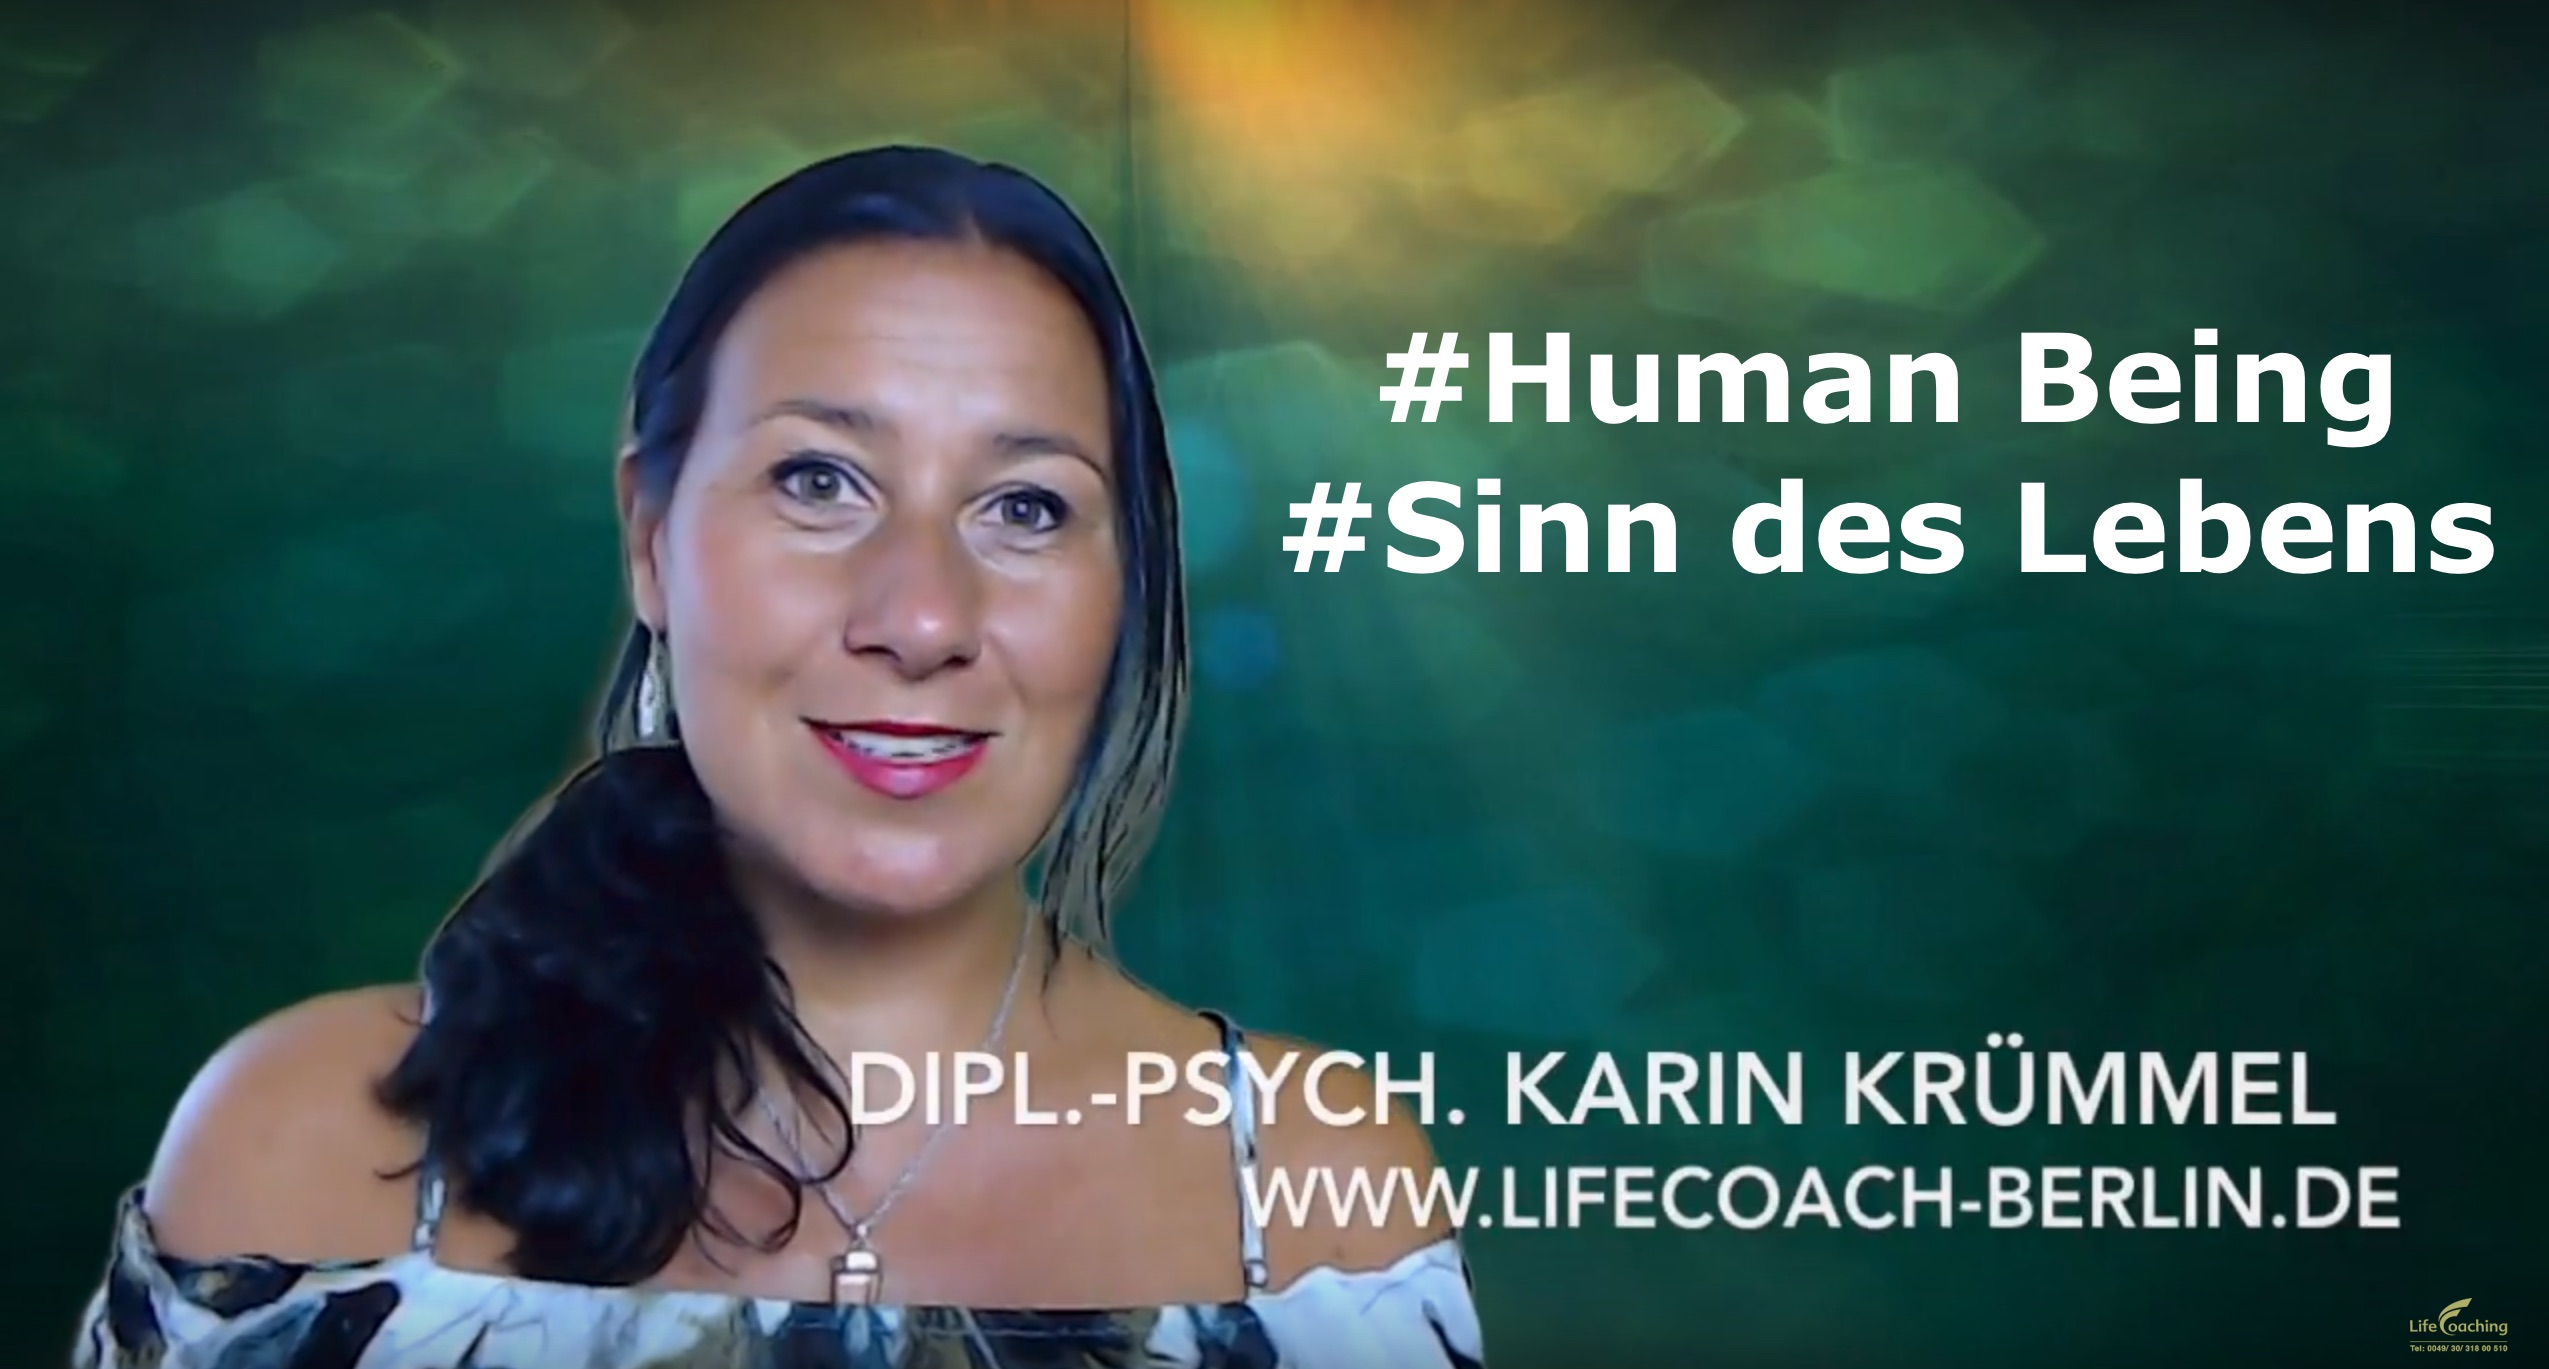 Die Fragen nach dem Sinn des Lebens - vielleicht einfacher als wir denken...hier ein paar Anregungen, entstanden ein einer Coaching Session bei www.lifecoach-berlin.de.